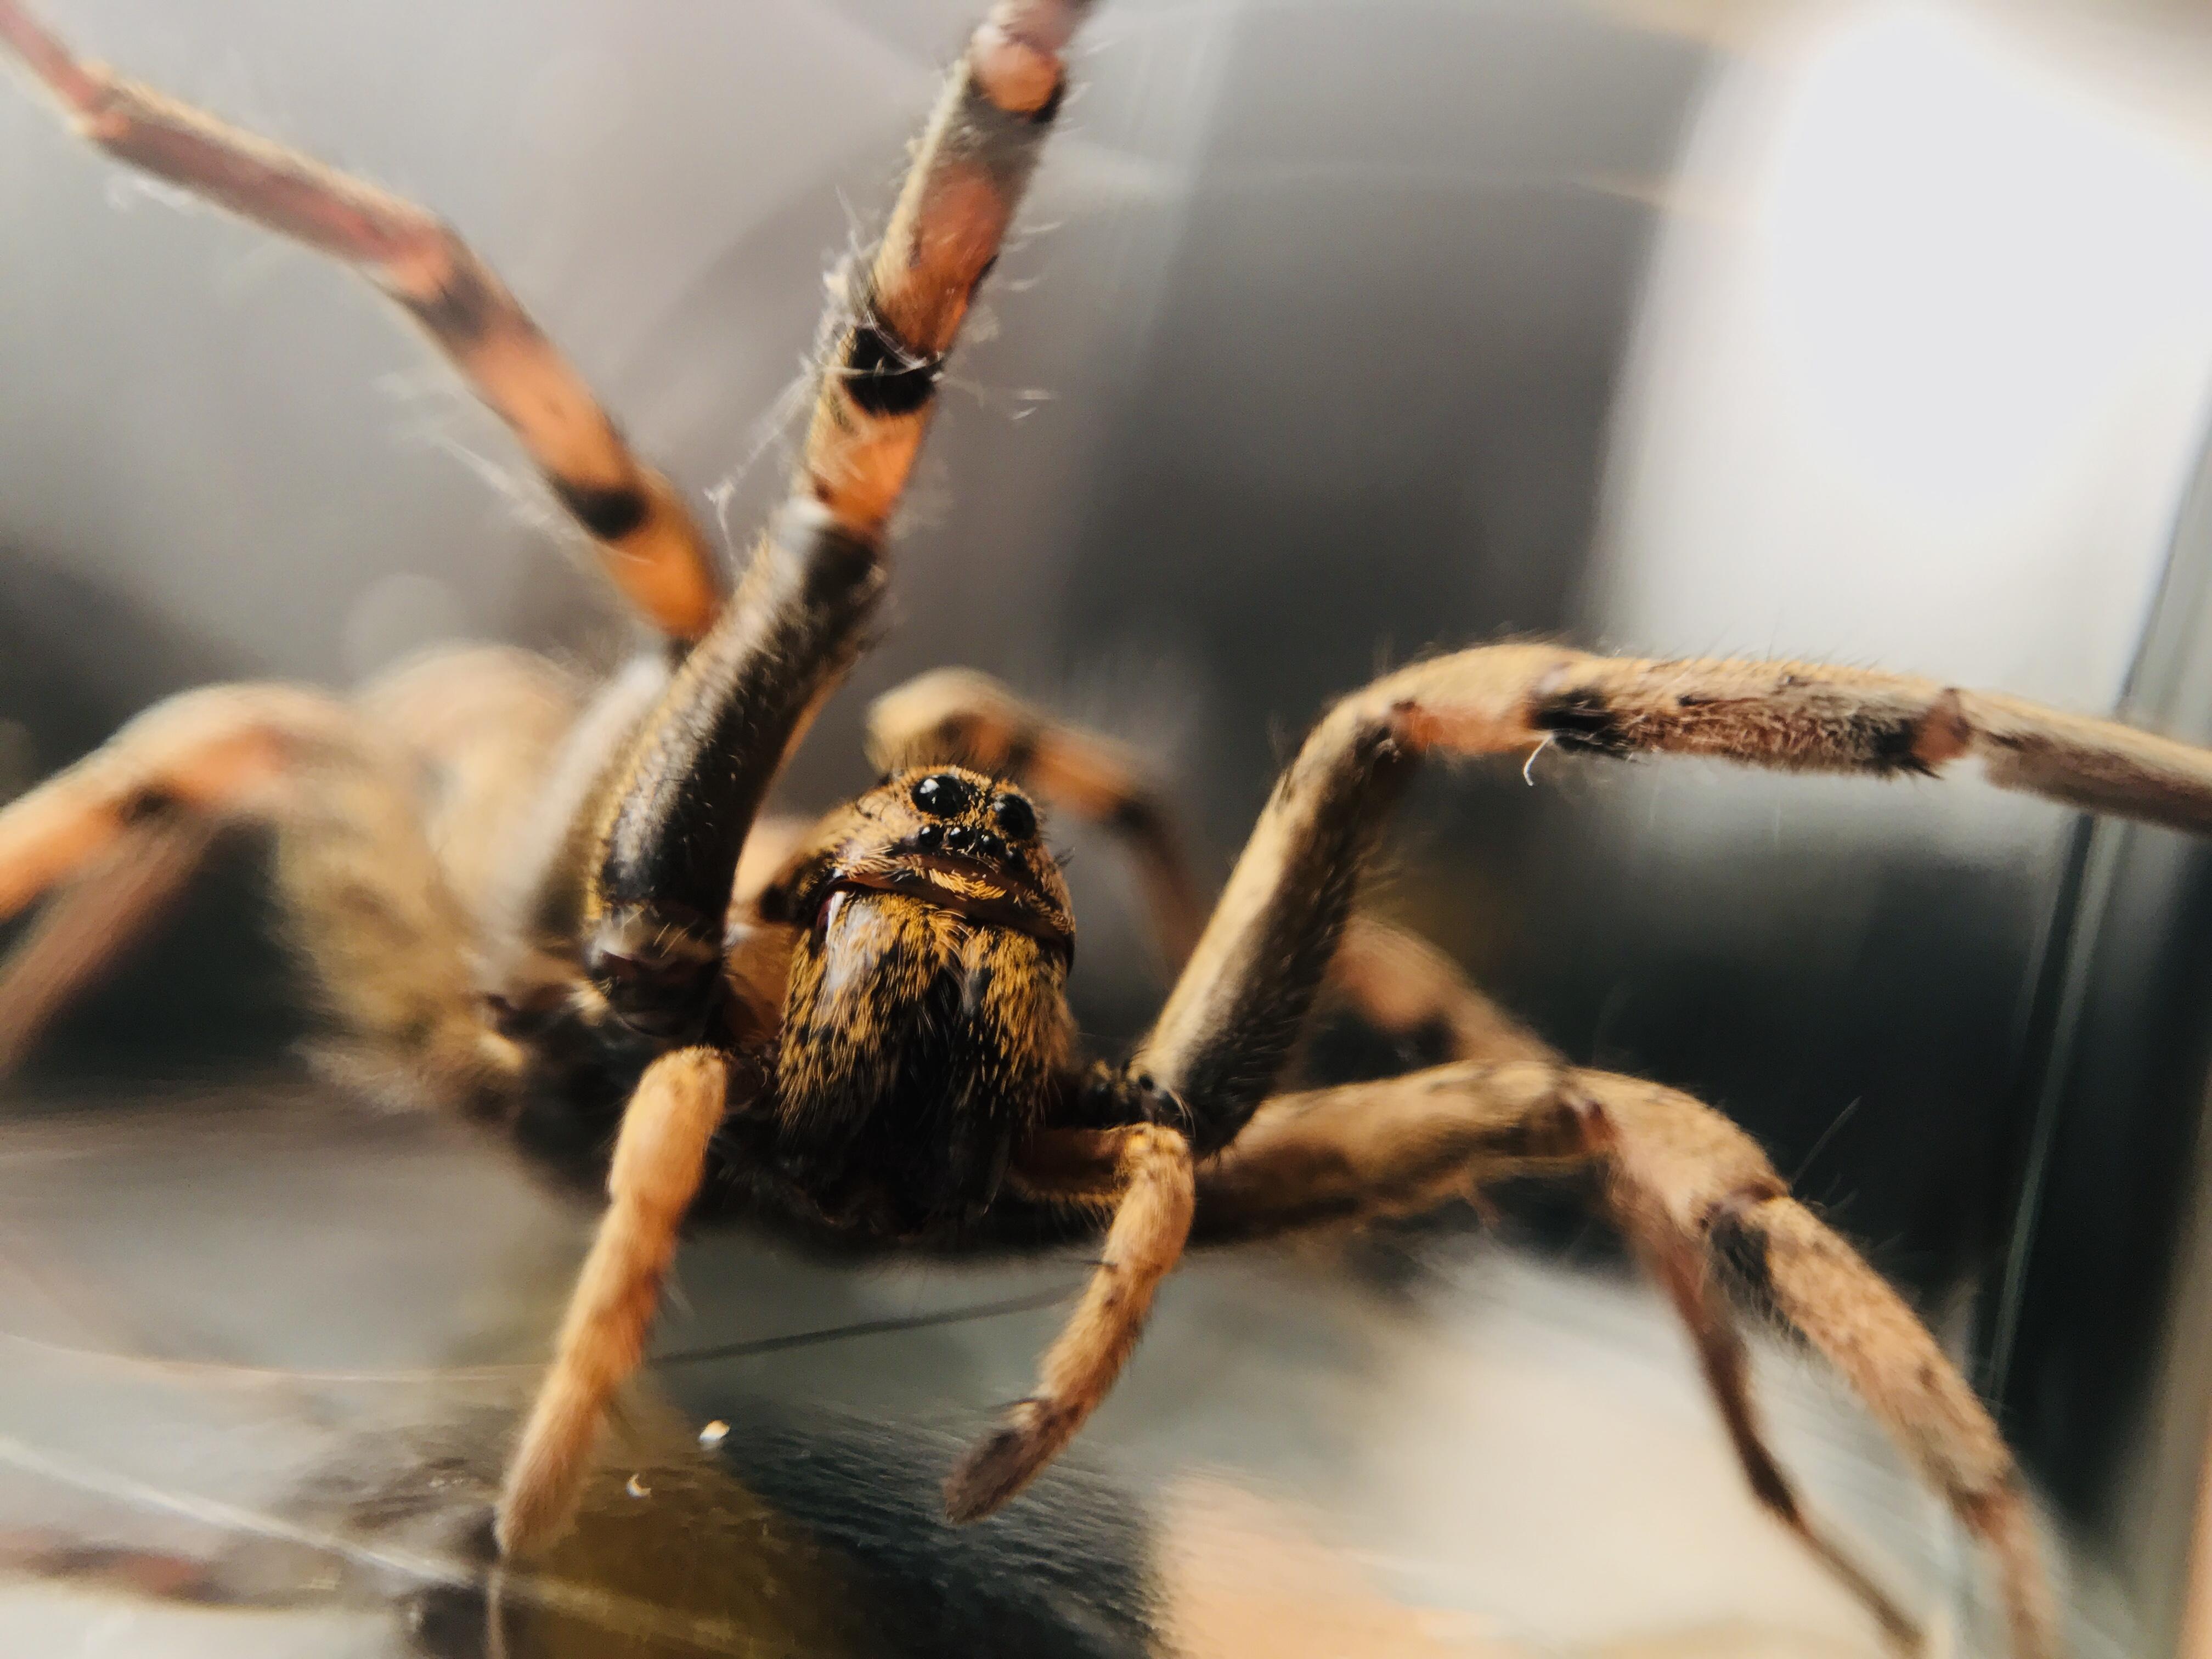 Wolf Spider ripping through web